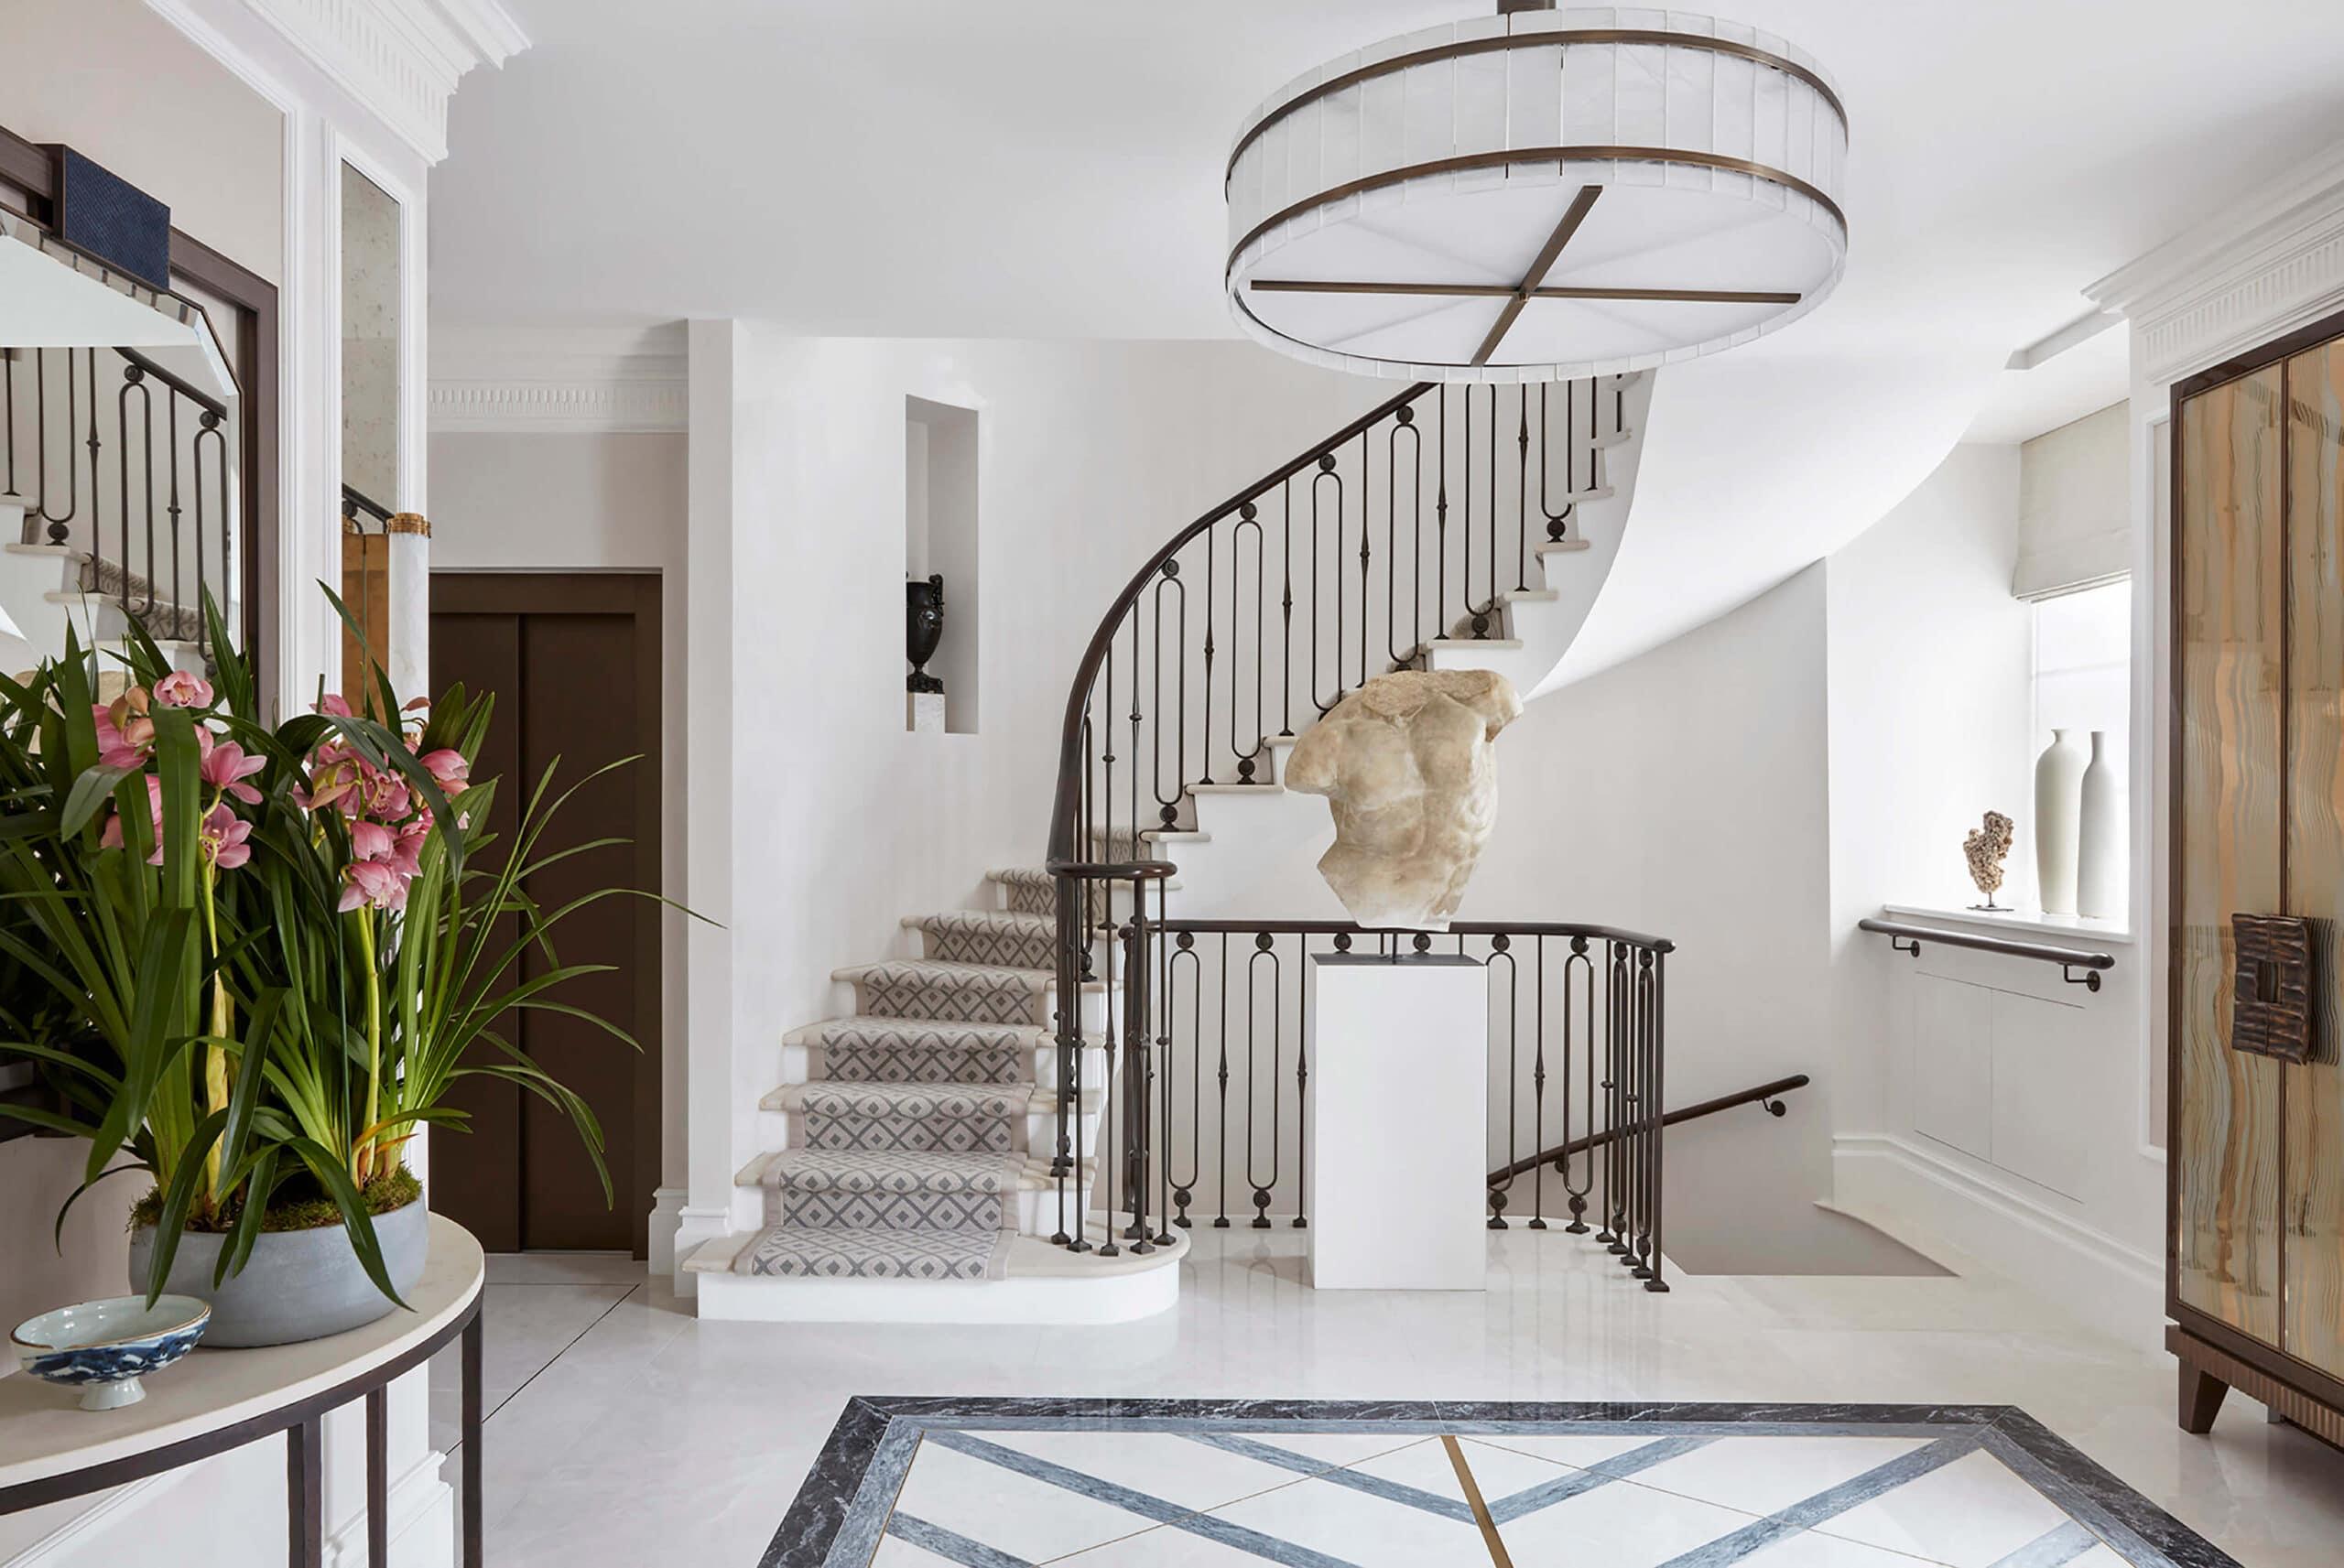 Kensington Luxury interior design